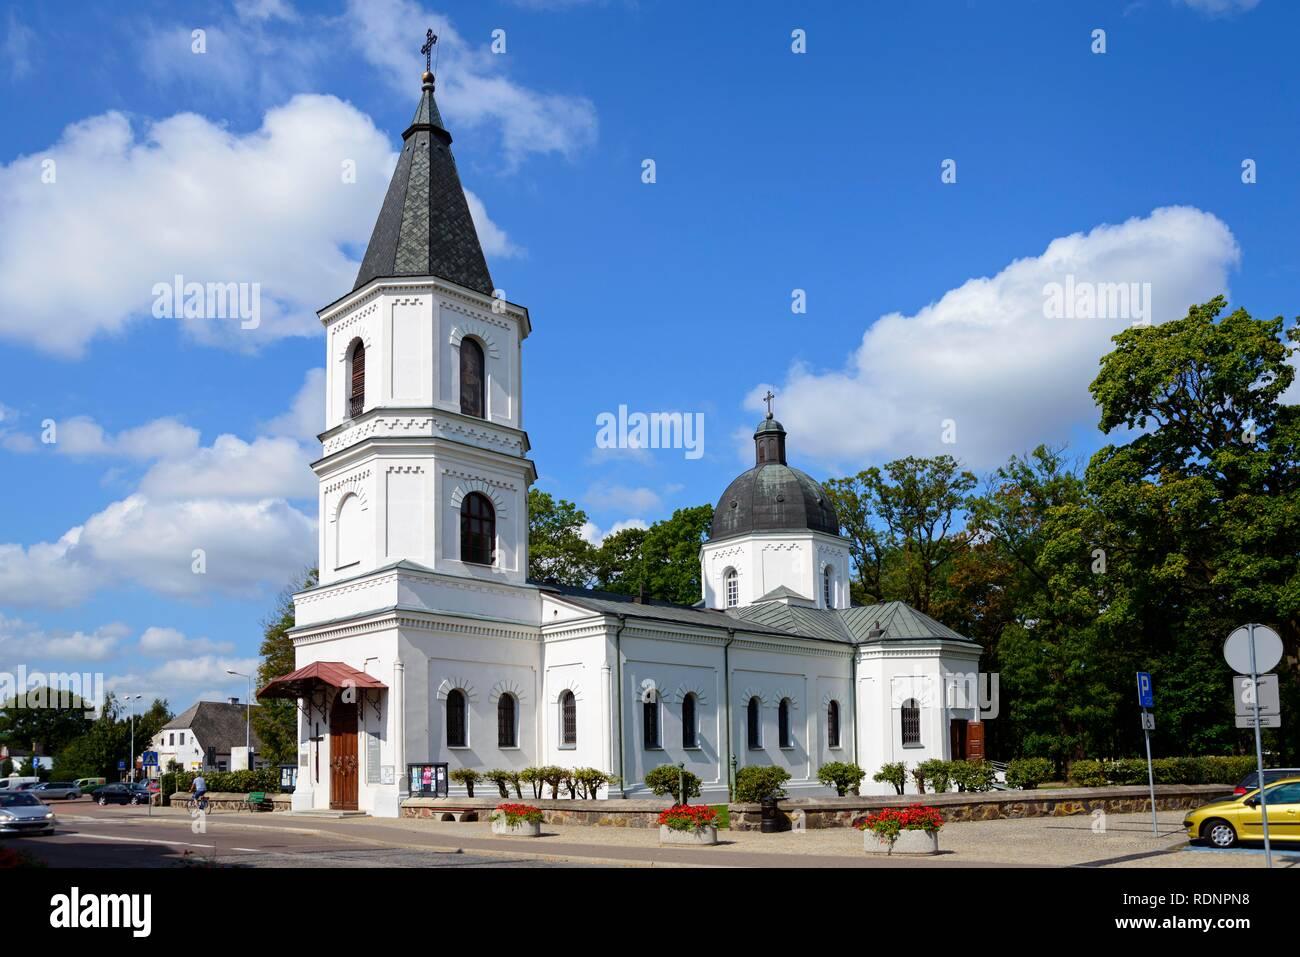 Church of the Sacred Heart of Jesus, Suwalki, Podlaskie, Poland - Stock Image